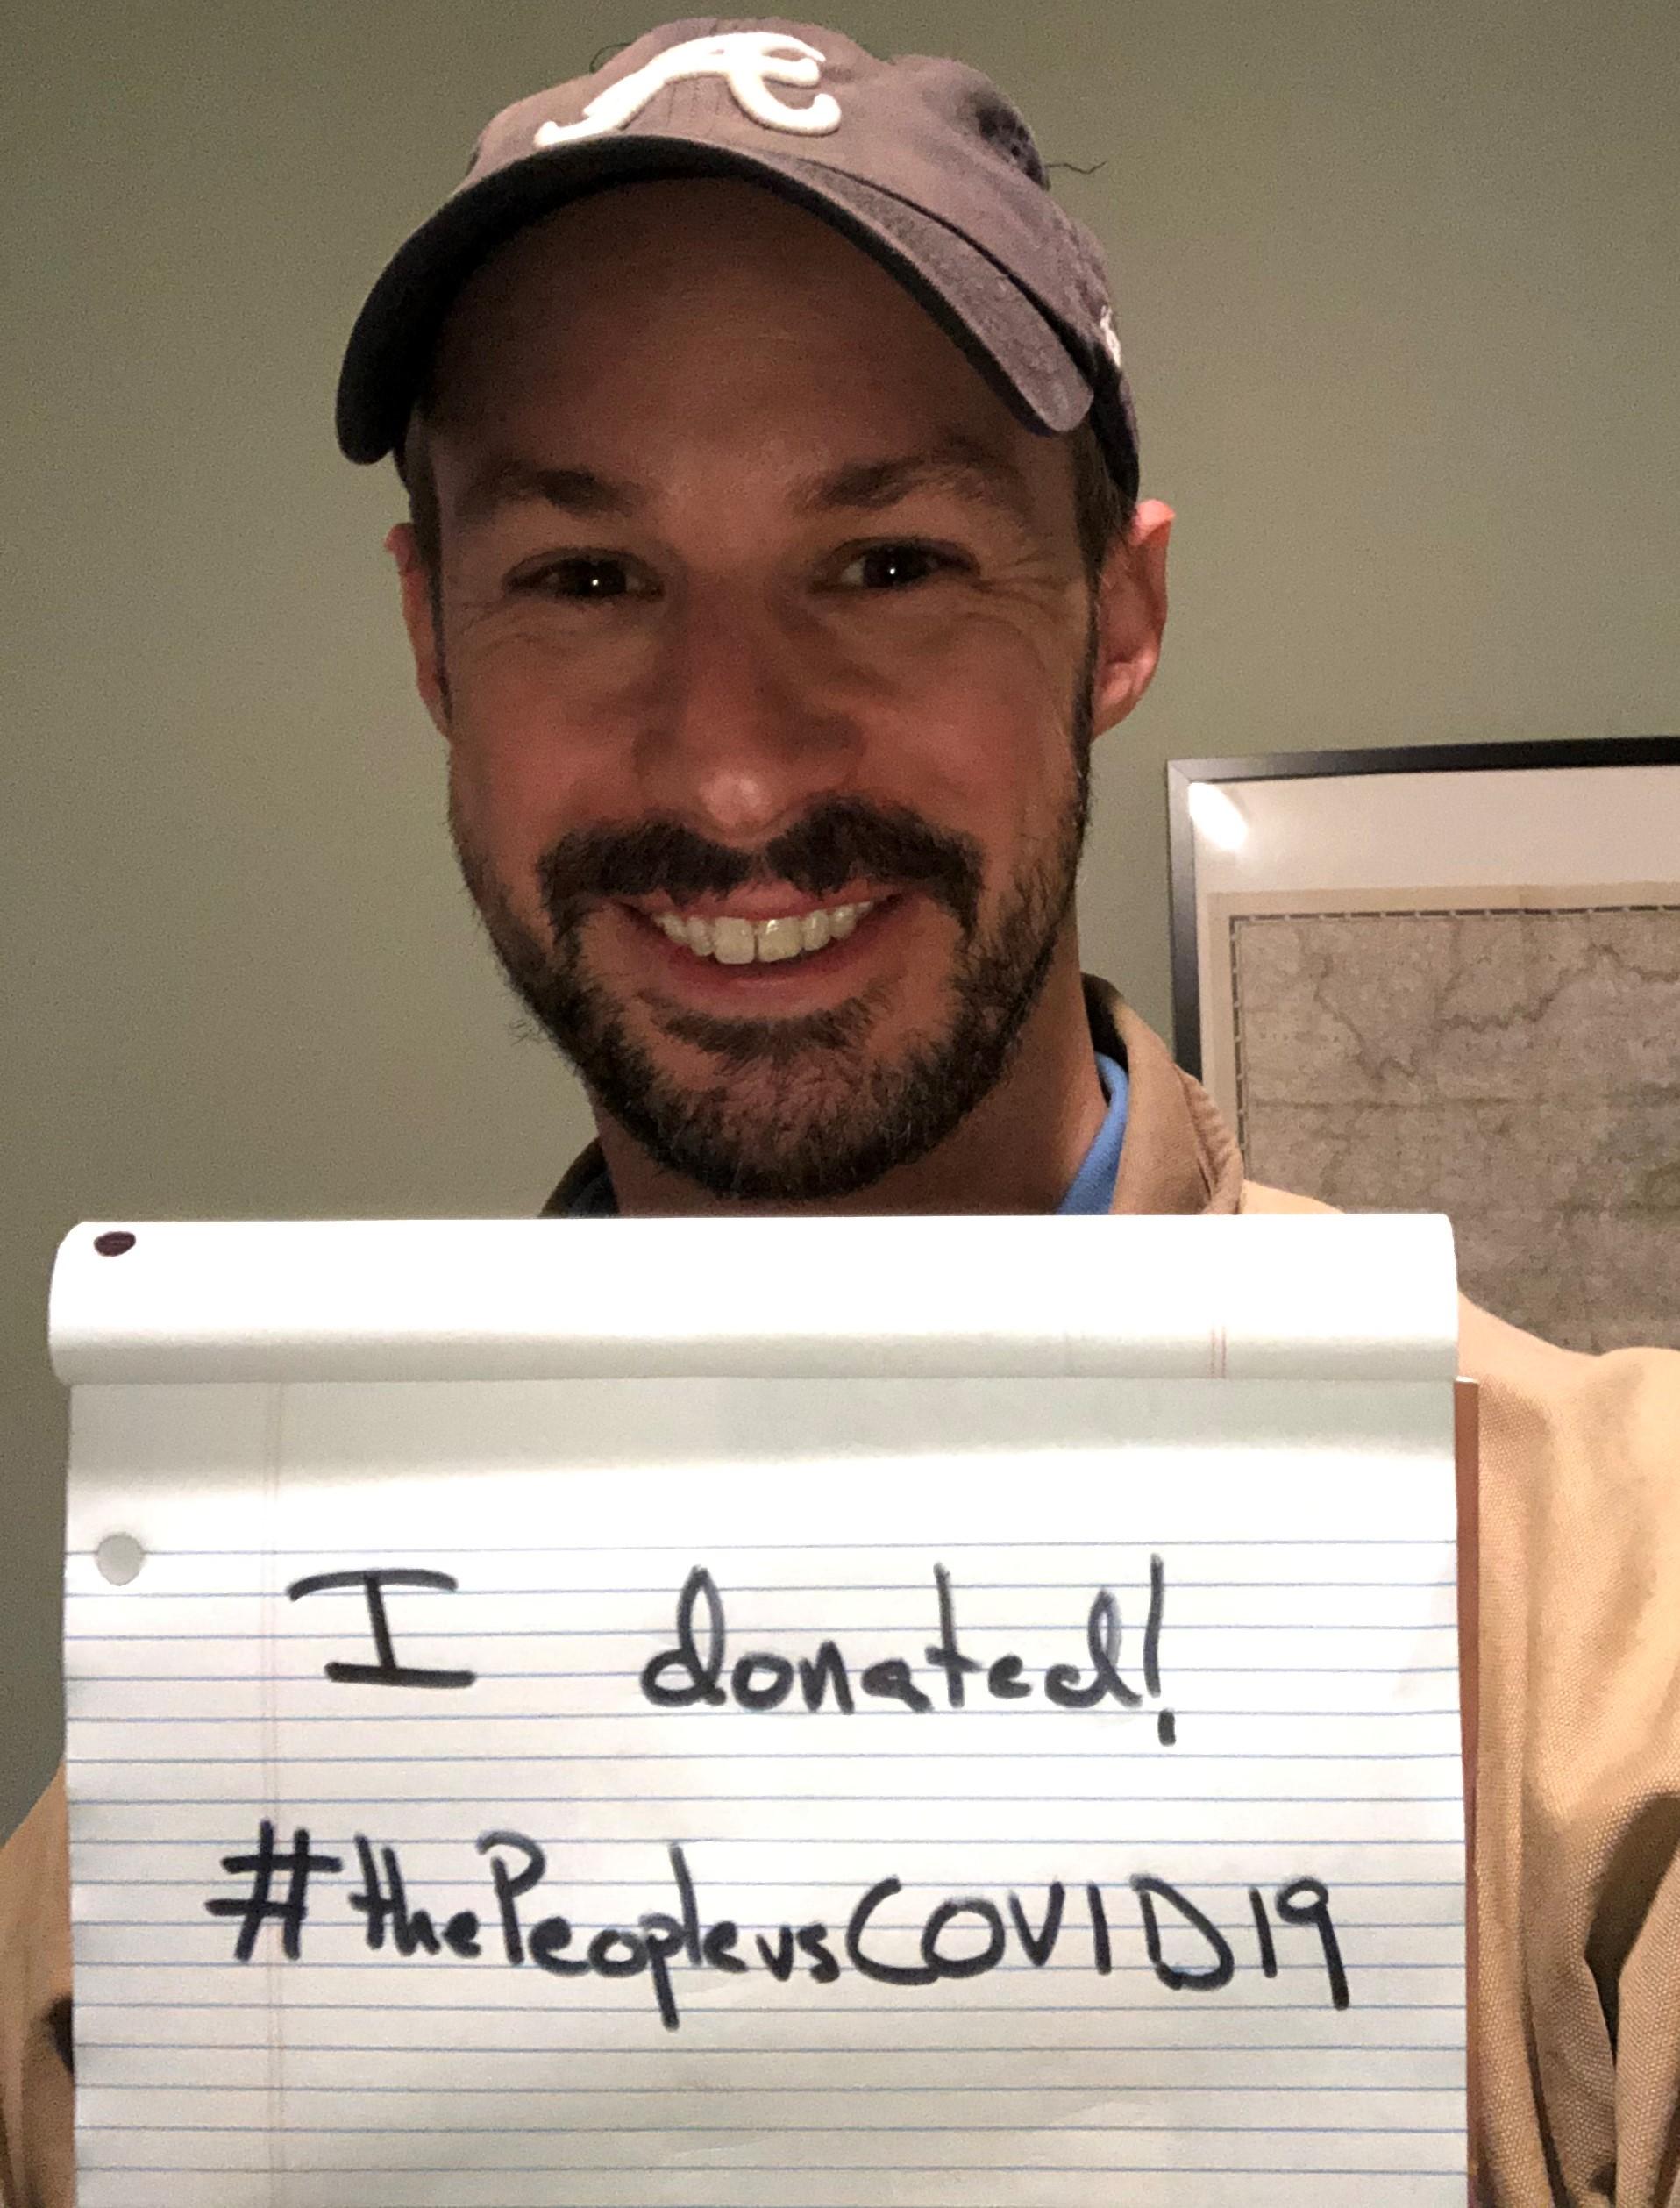 I-Donated-People-vs-COVID-19